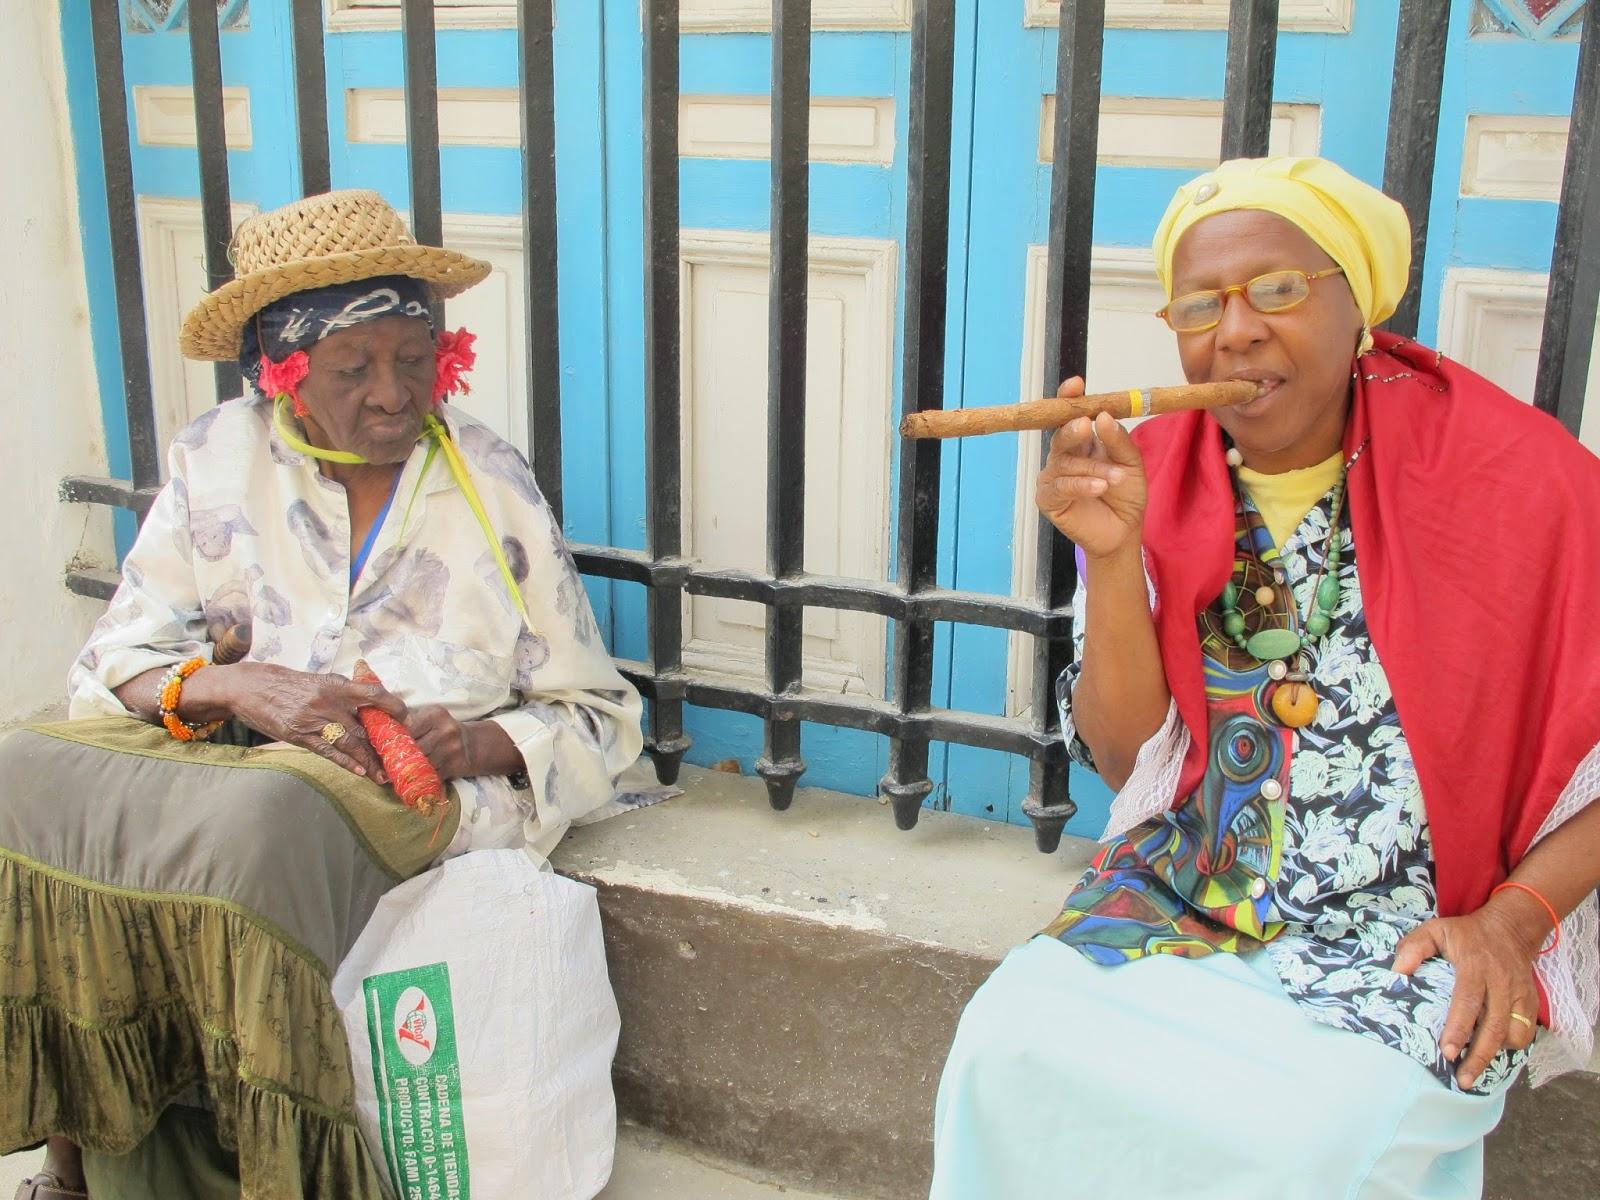 Cuba habana com crianças sociedade comunidade cubana